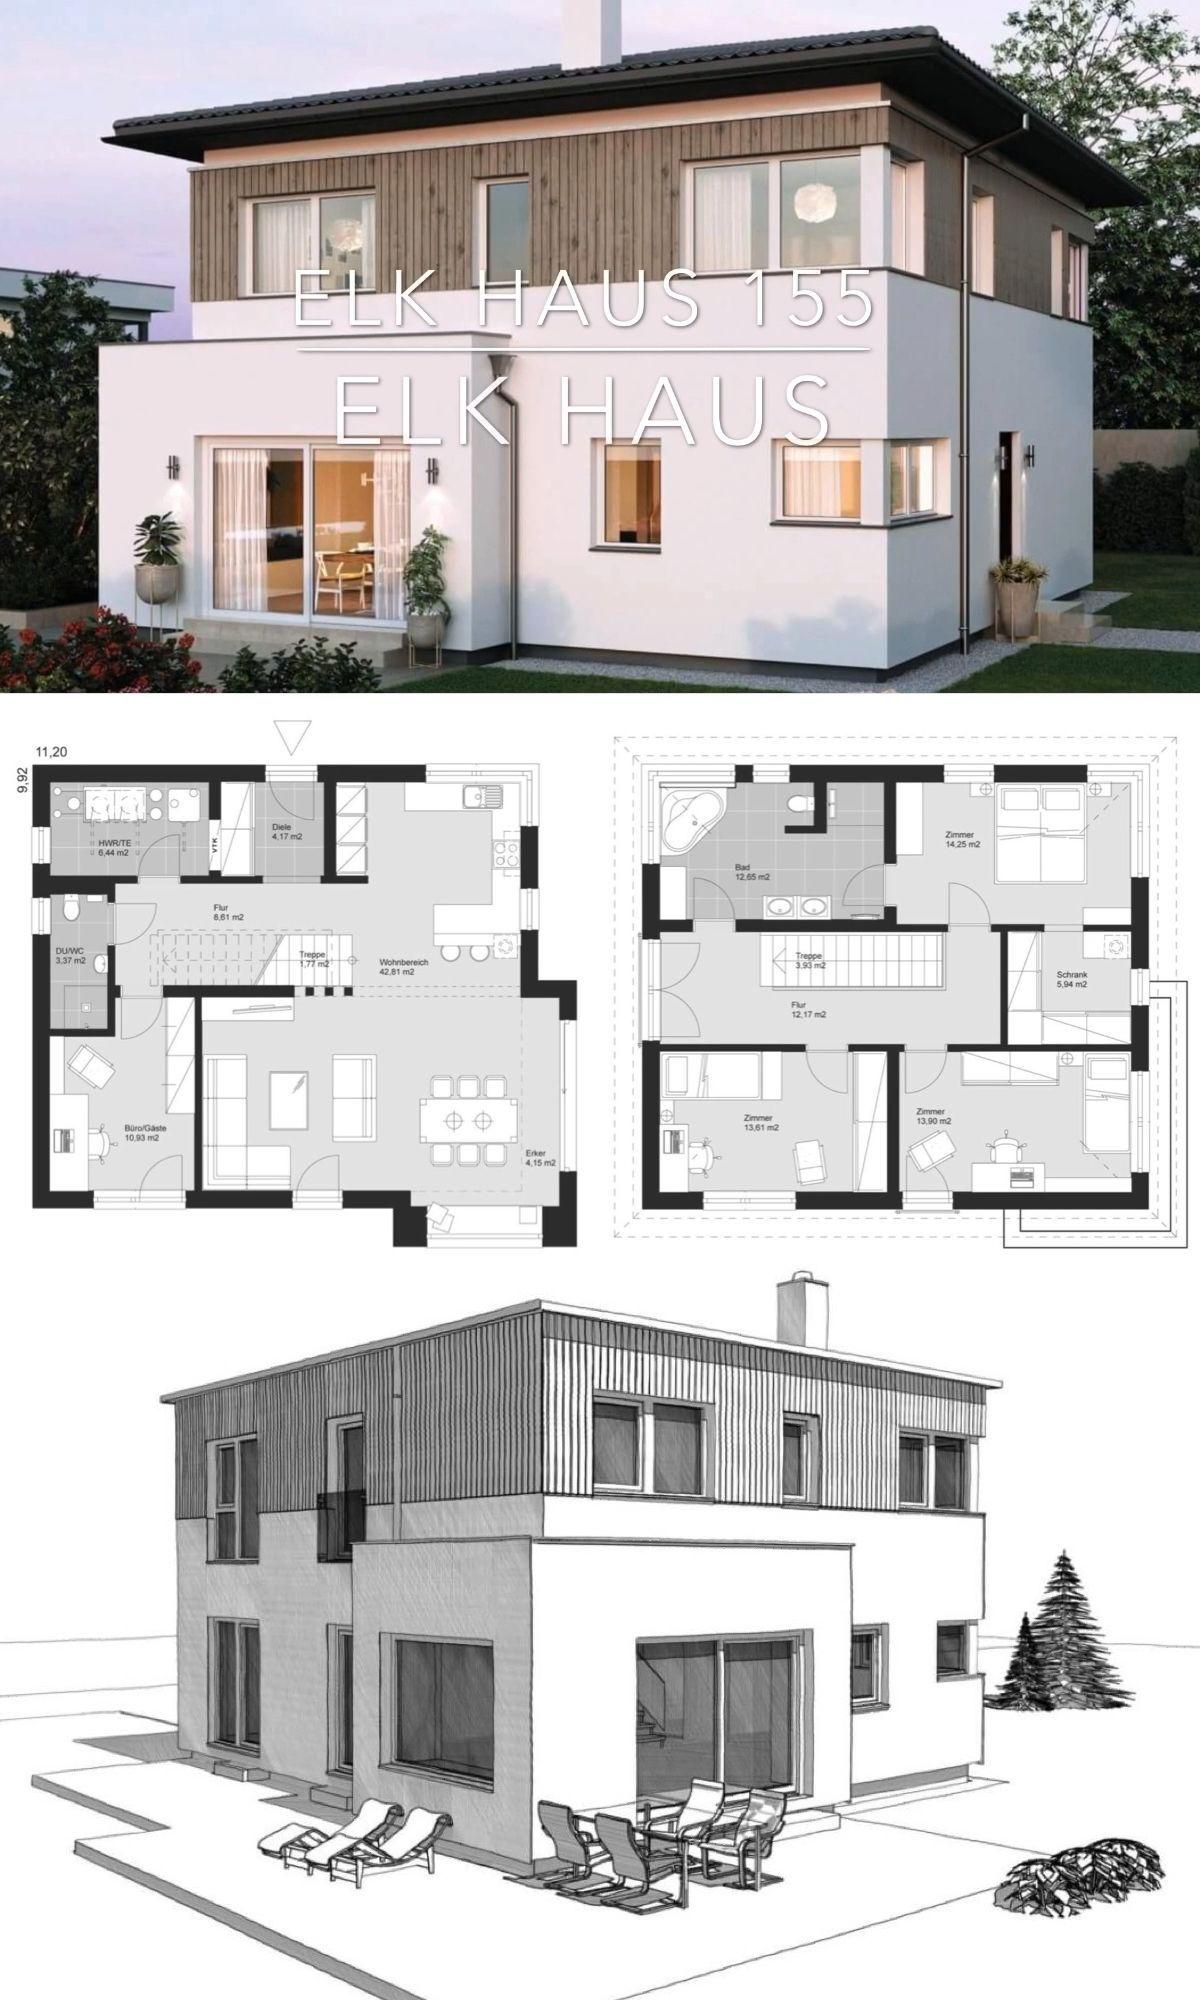 Modern European Architecture House Plan Elk Haus 155 Modern European Architecture Design In 2020 European Architecture Architecture House House Architecture Design